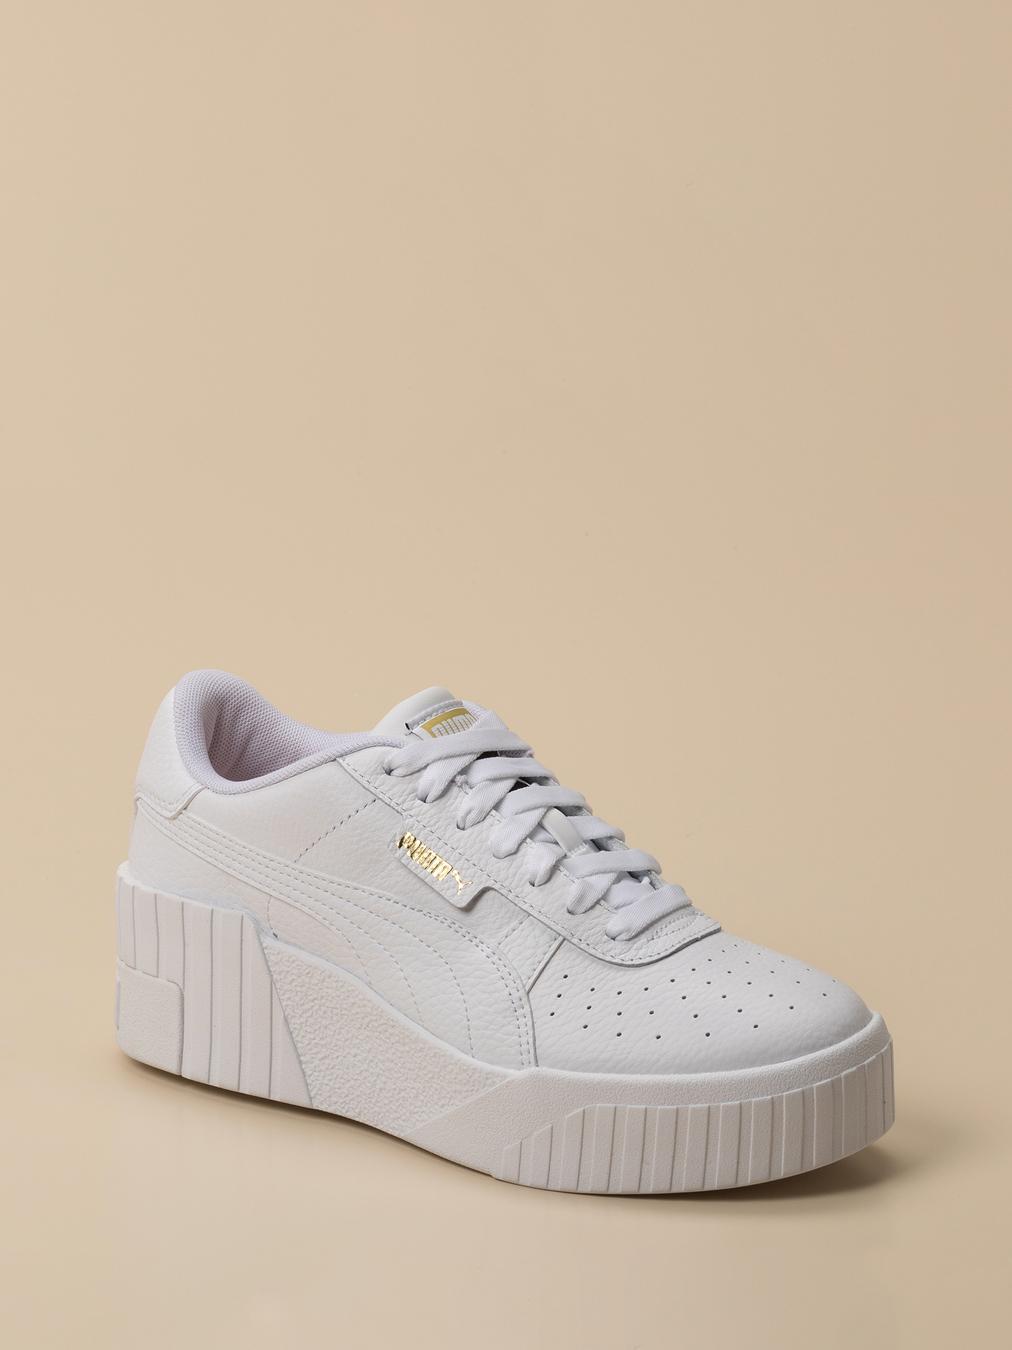 Puma Damen Sneaker in weiß kaufen